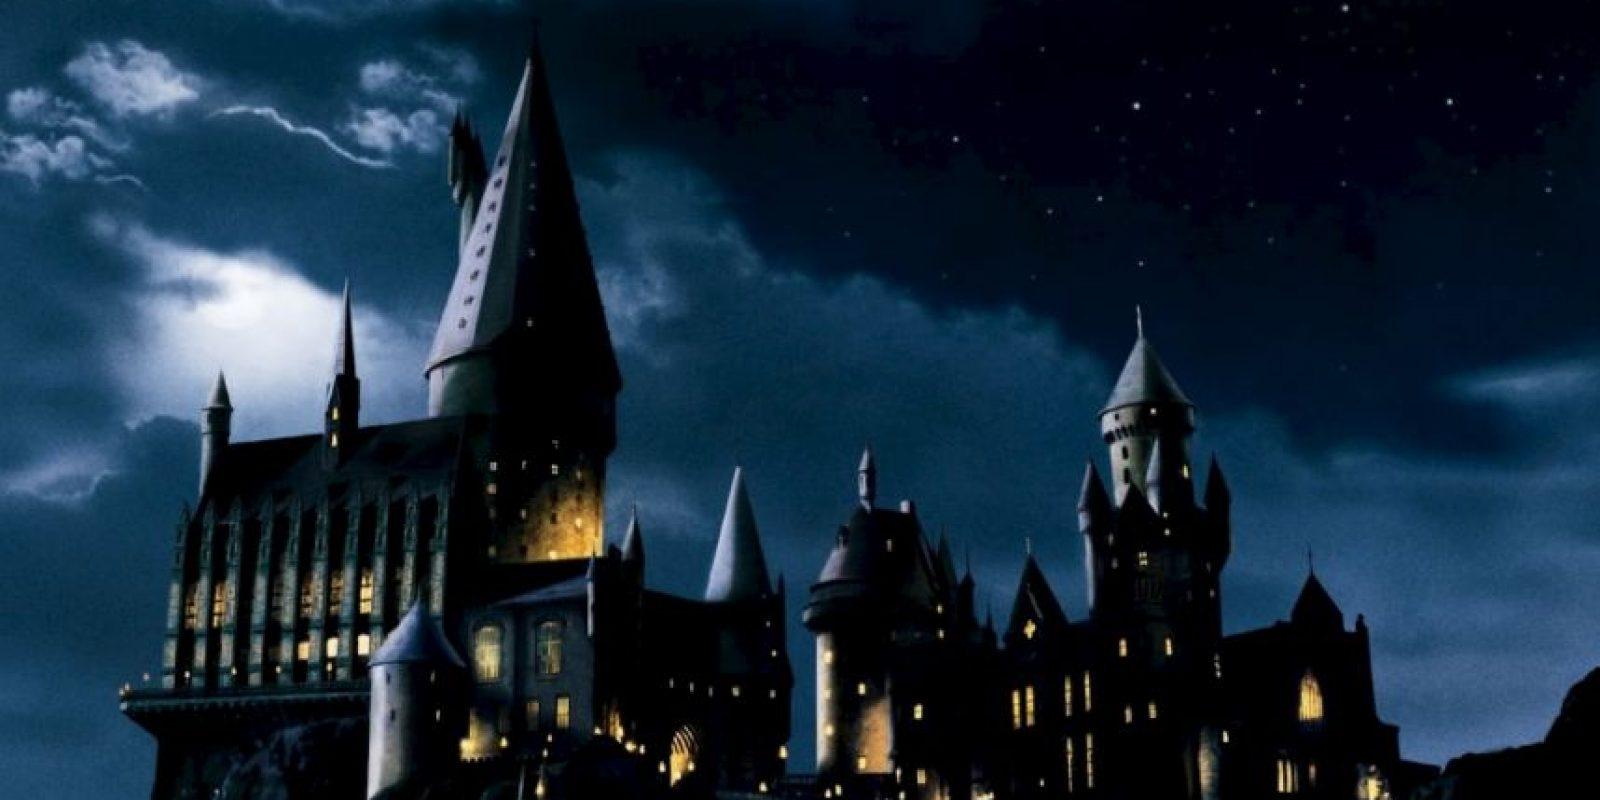 """Si un muggle de por casualidad se llegara a aparecer en Hogwarts, este solo se vería como un edificio ruinoso con el anuncio de """"peligro"""". Foto:vía Warner Bros"""